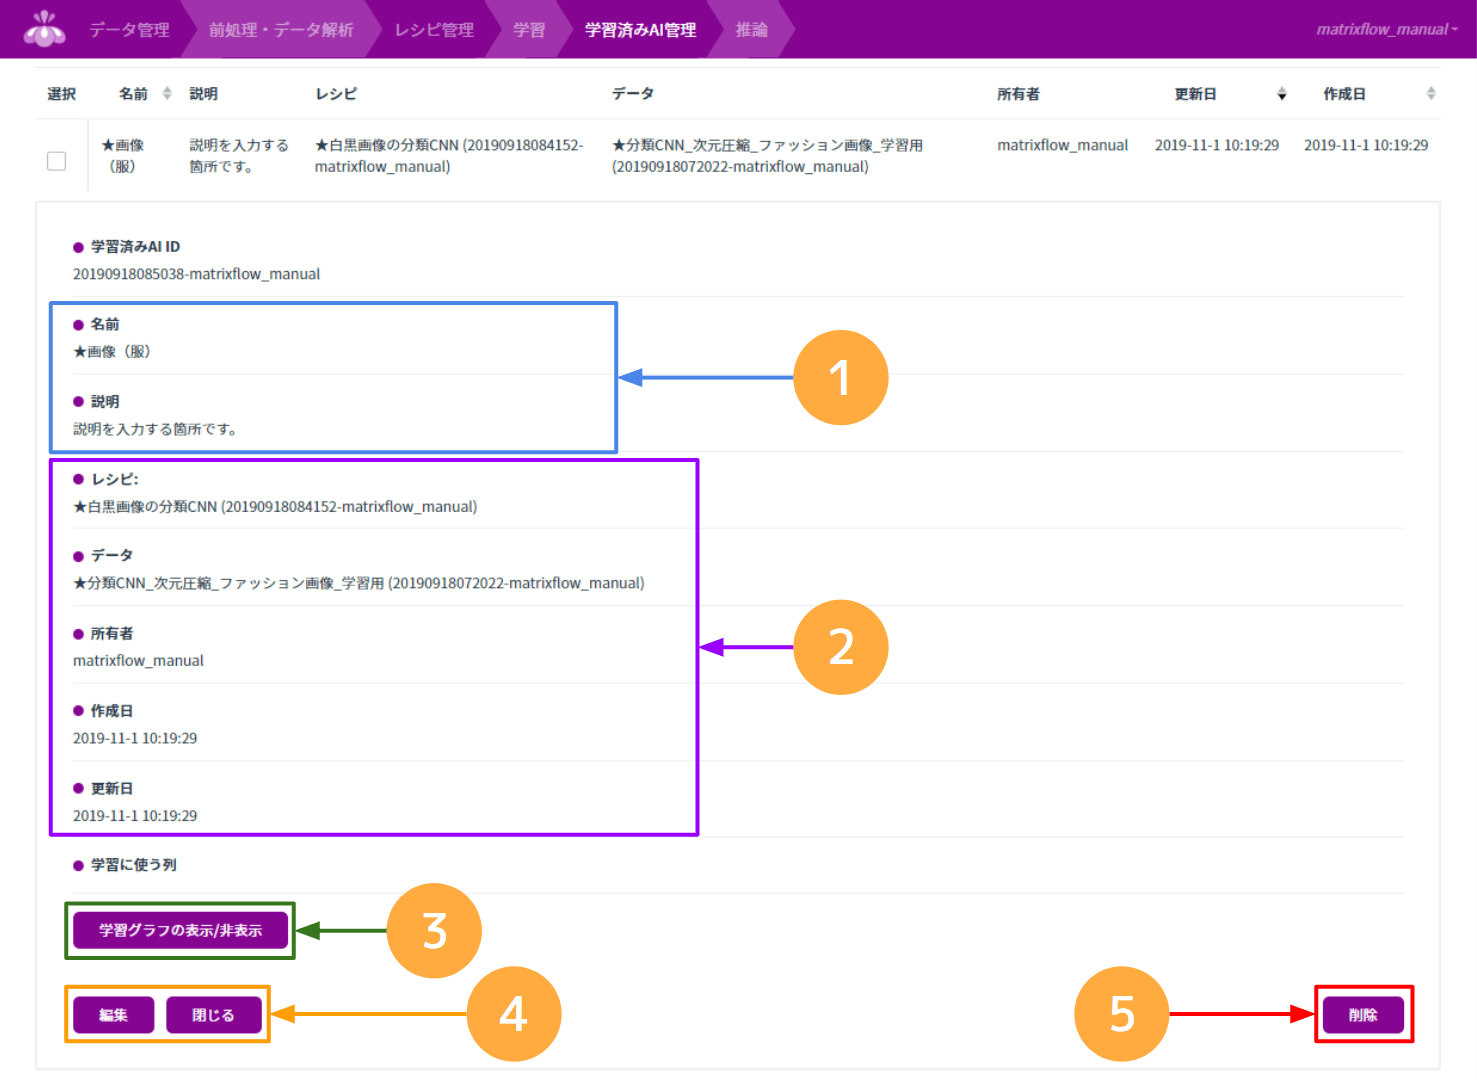 学習済みAIの詳細画面.png